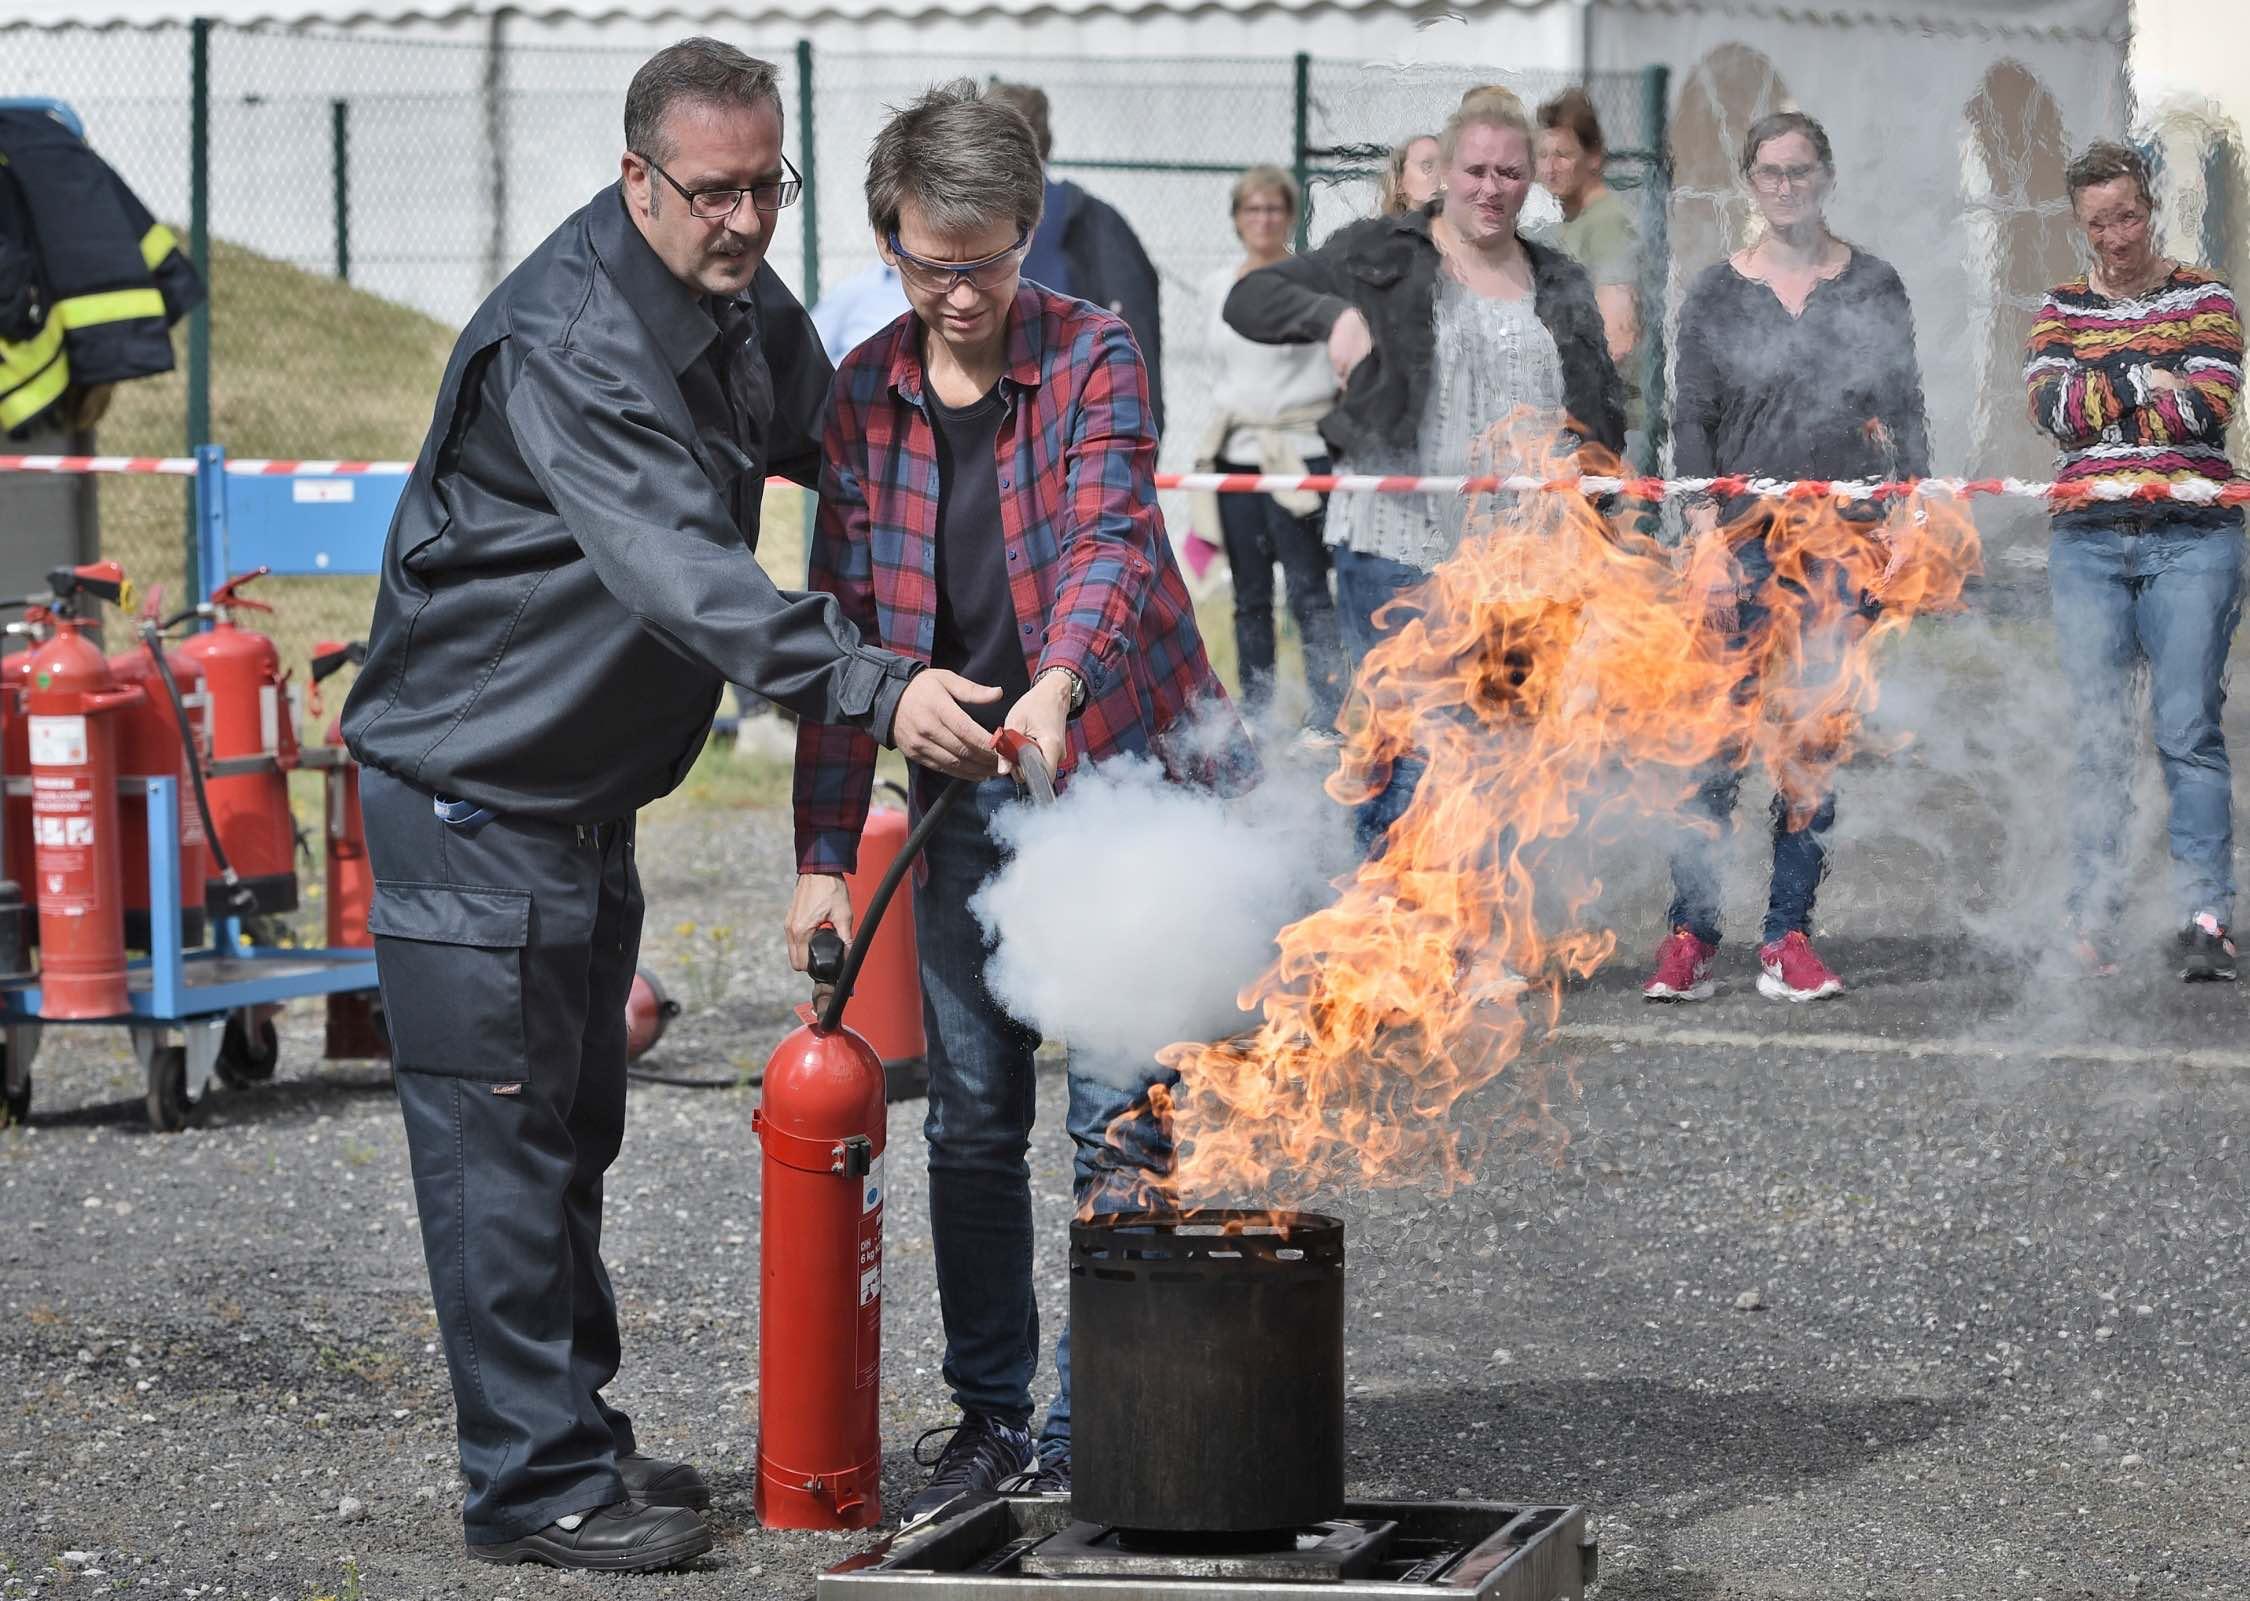 Achtung! Fertig? Wasser marsch! Der Chempark lädt zum Feuerlösch-Training auf den Uerdinger Marktplatz ein. (Foto: Currenta GmbH & Co. OHG)